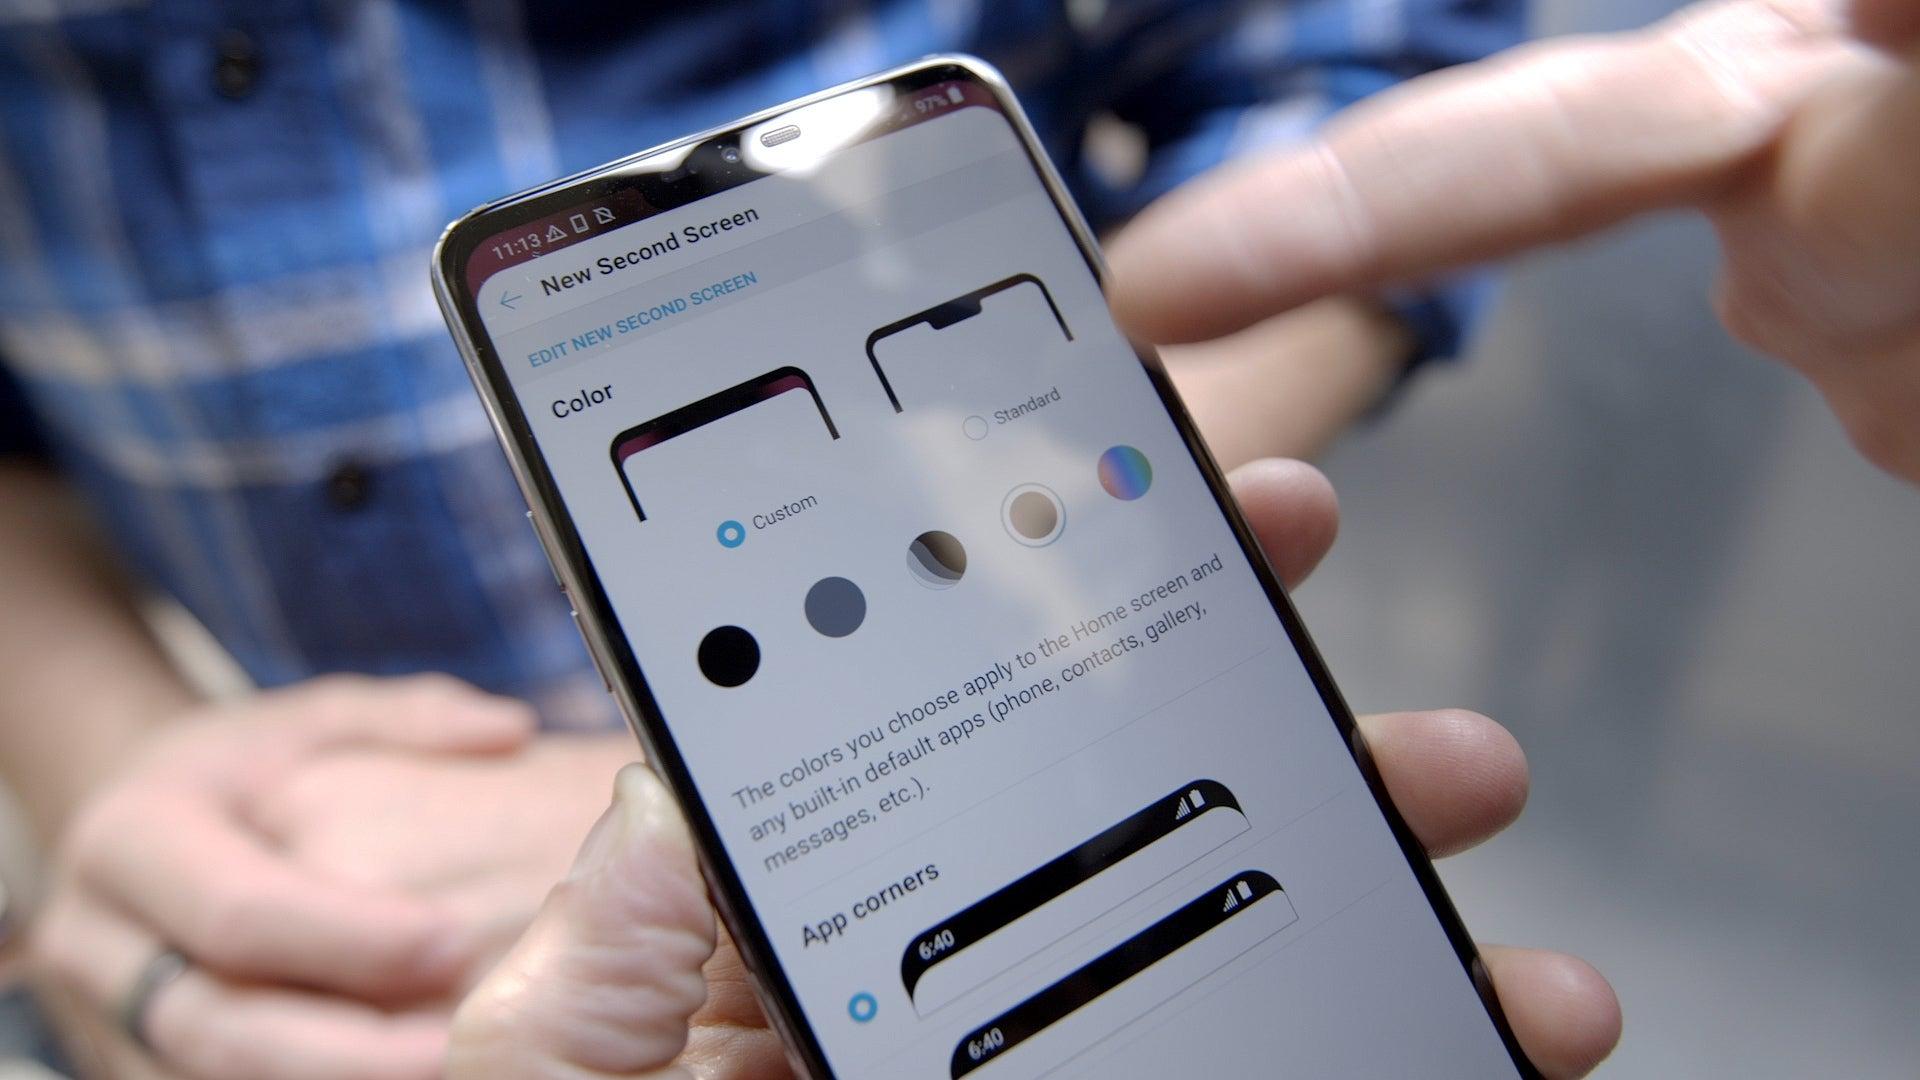 LG G7 ThinQ notch options | Greenbot